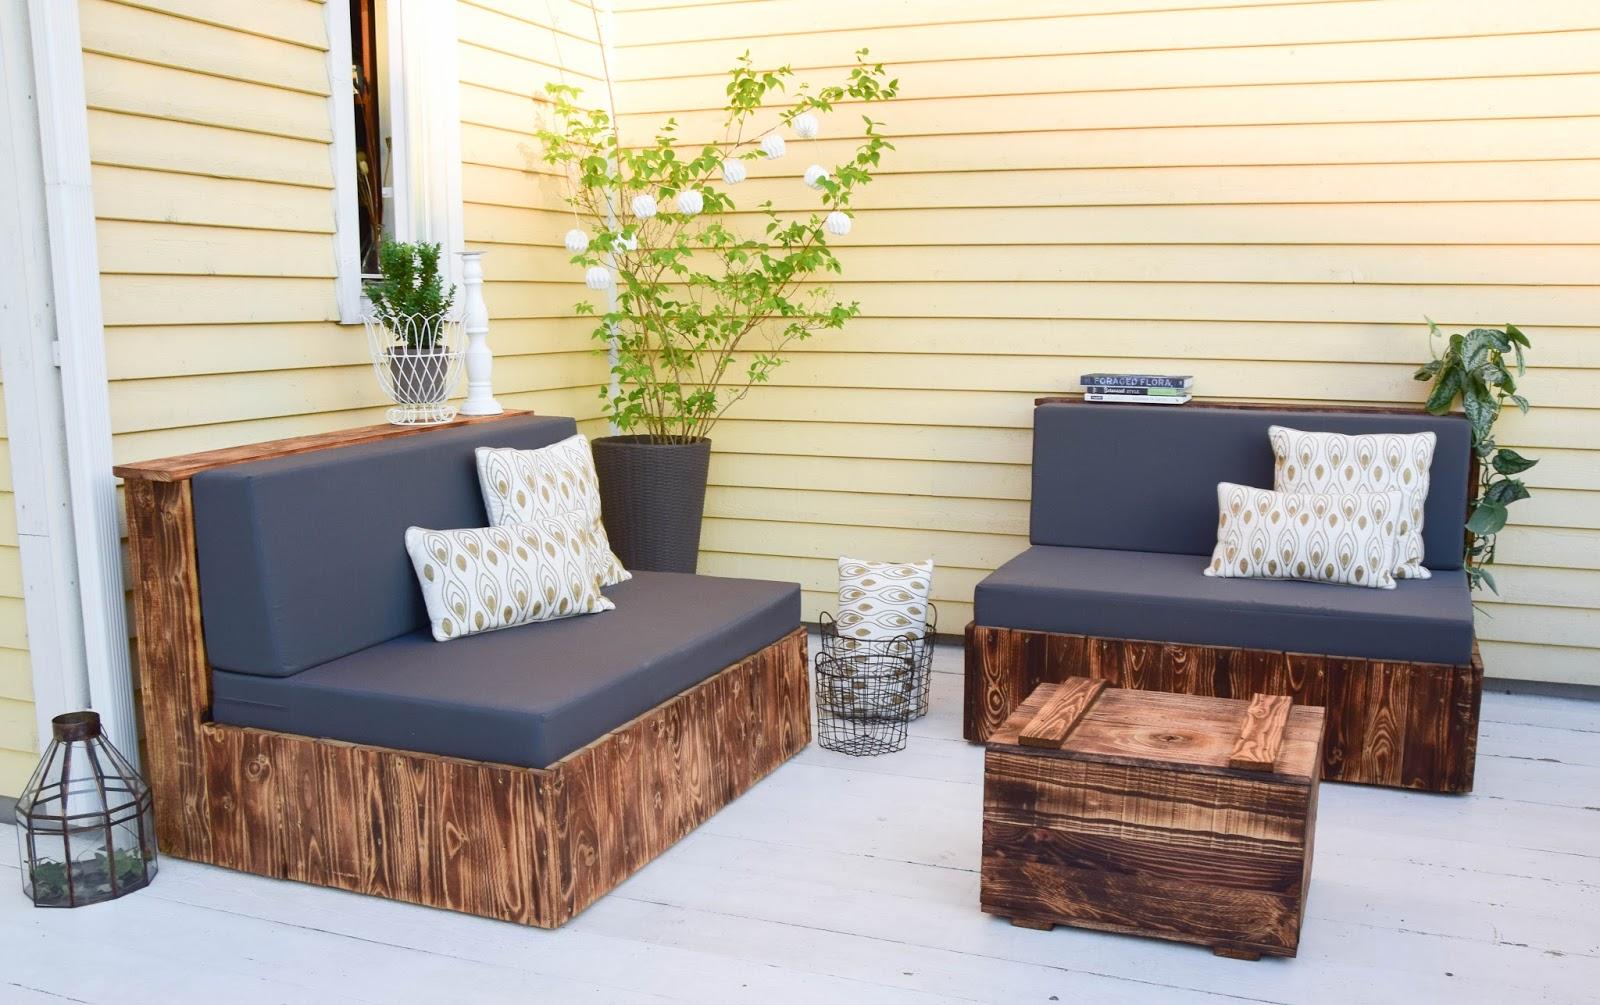 Flambierte Diy Sitzmobel Aus Paletten Der Einfache Und Gunstige Weg